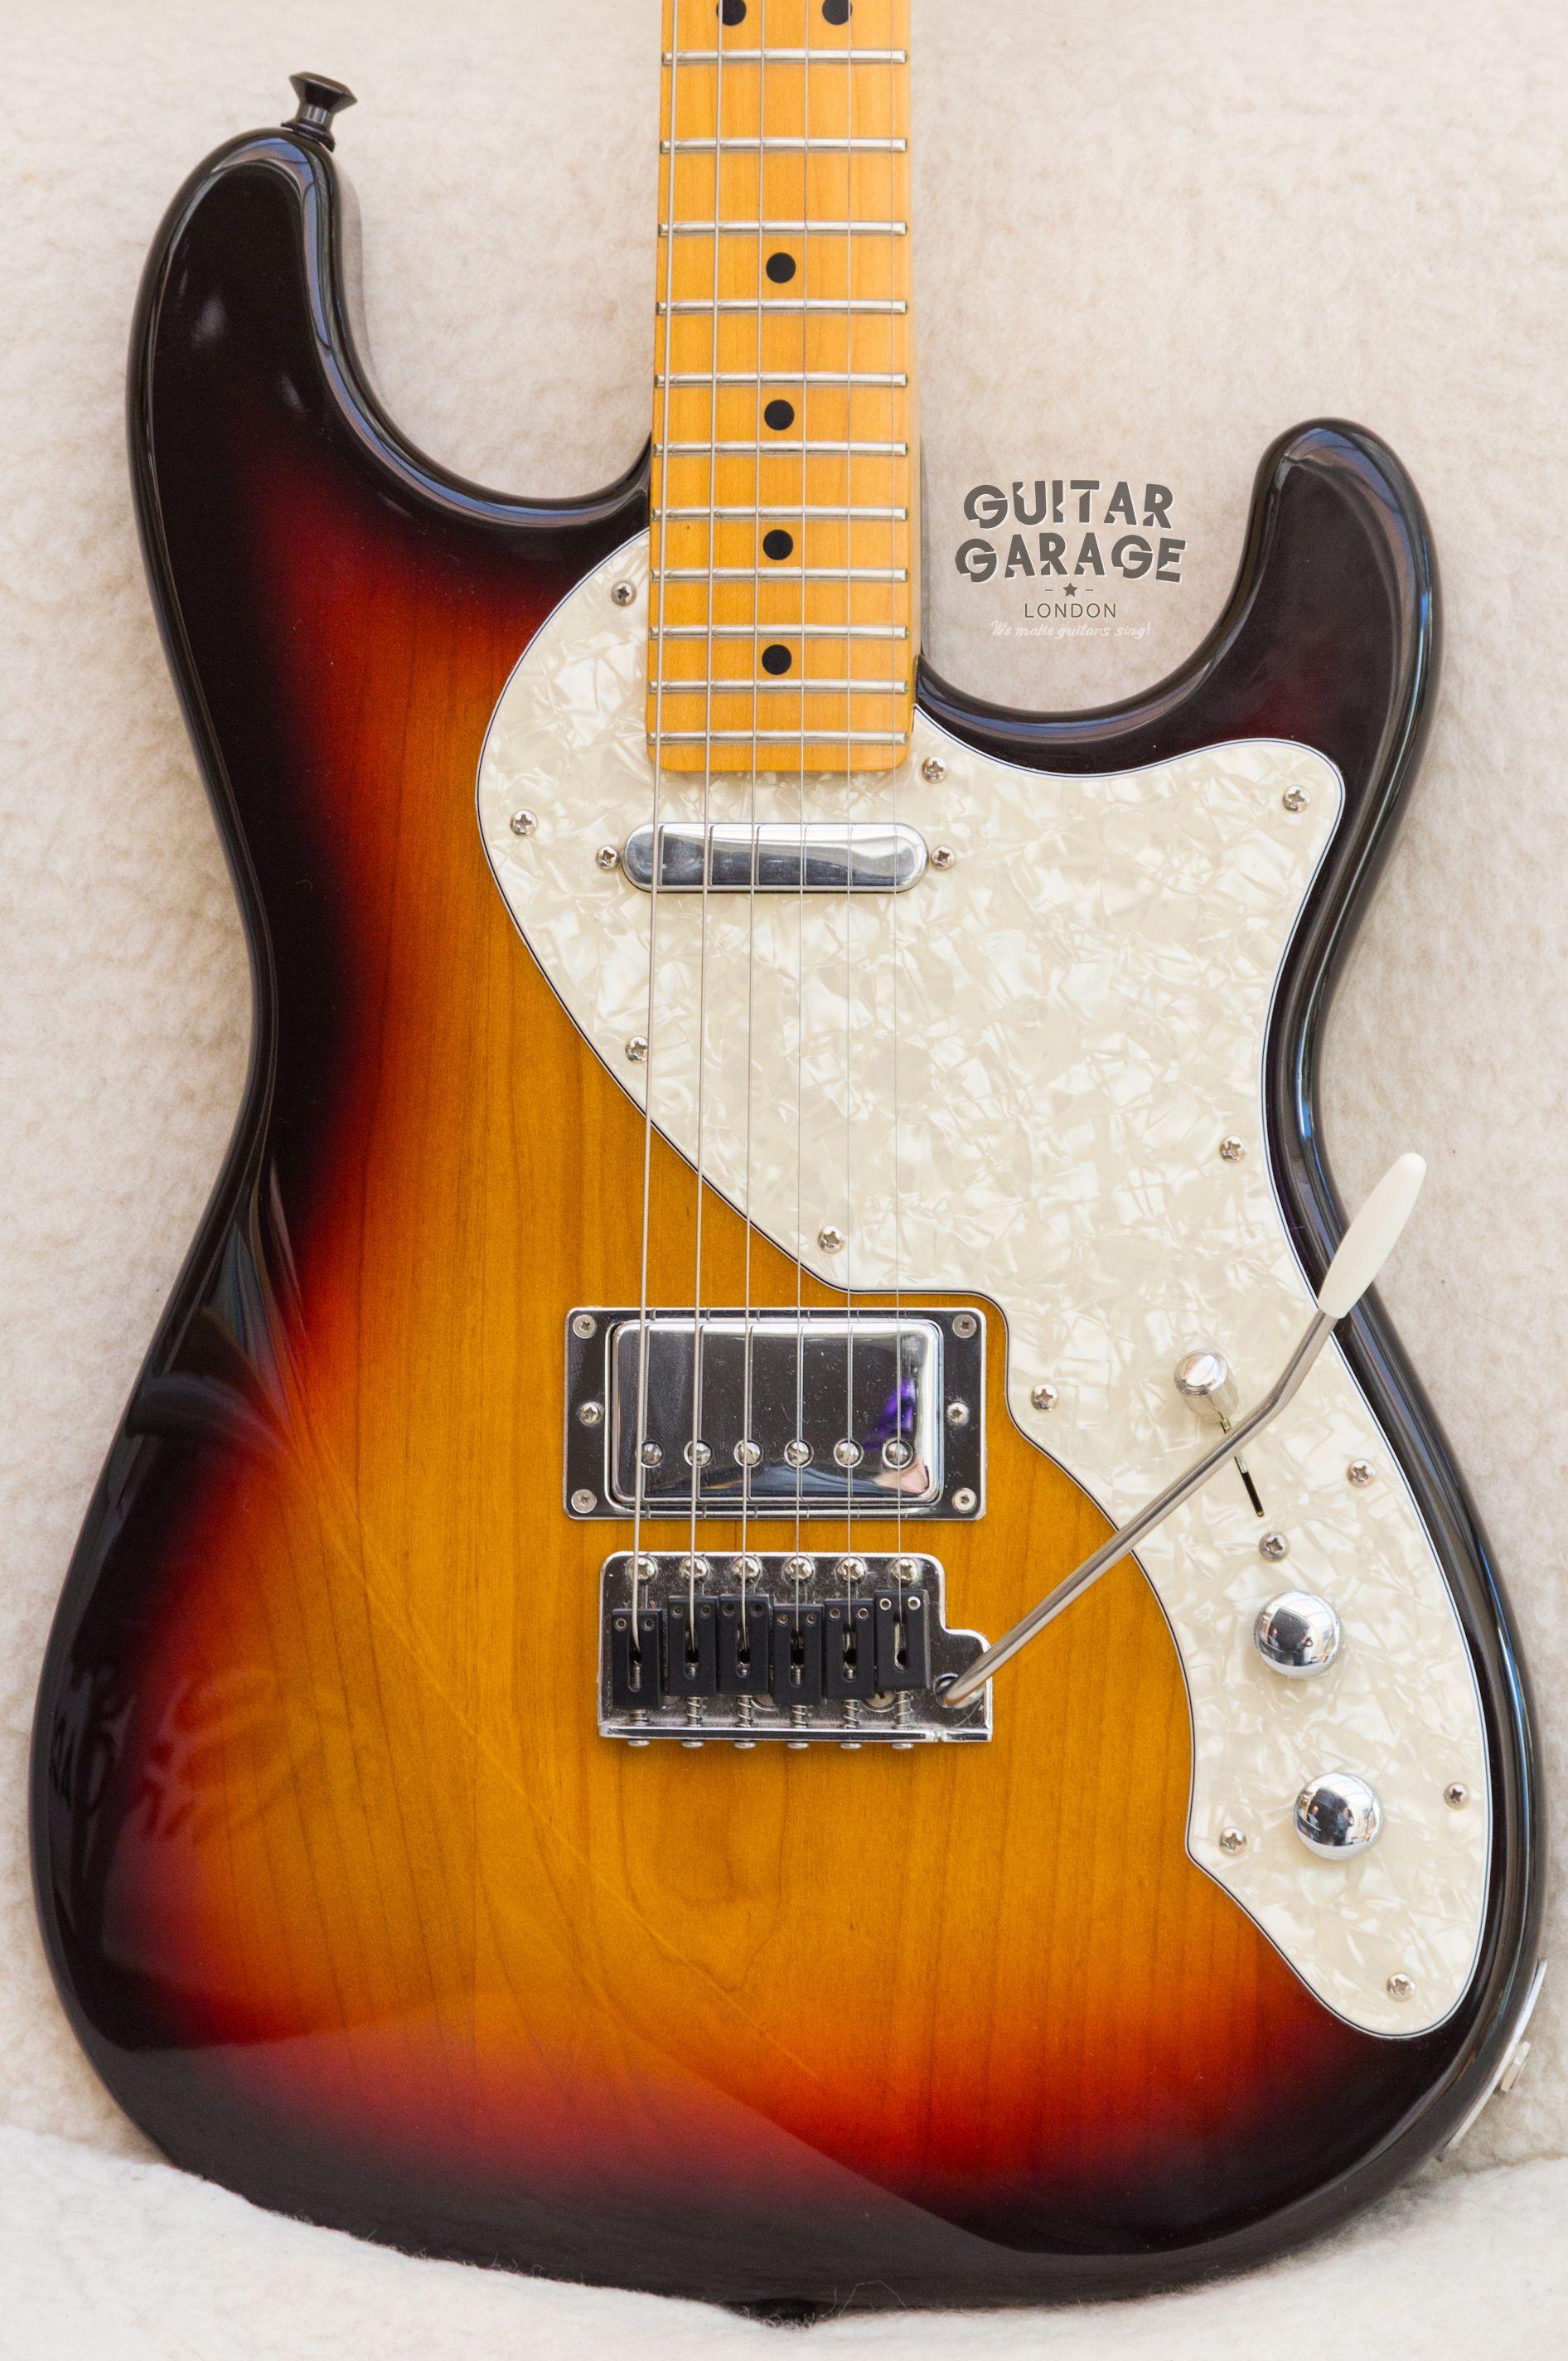 2007 Fender Japan Stratocaster Telecaster Hybrid Custom Built By